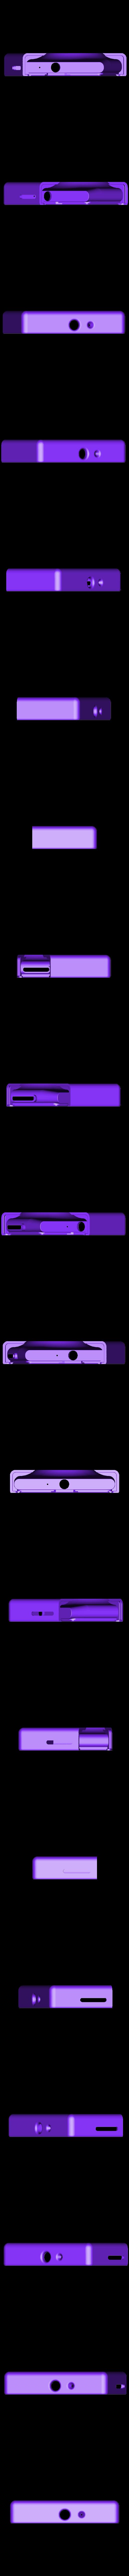 carcasa_sup_nokia_1020.stl Télécharger fichier STL gratuit Estuche, funda protectora Nokia Lumia 1020, con sistema articulado • Design pour imprimante 3D, saginau